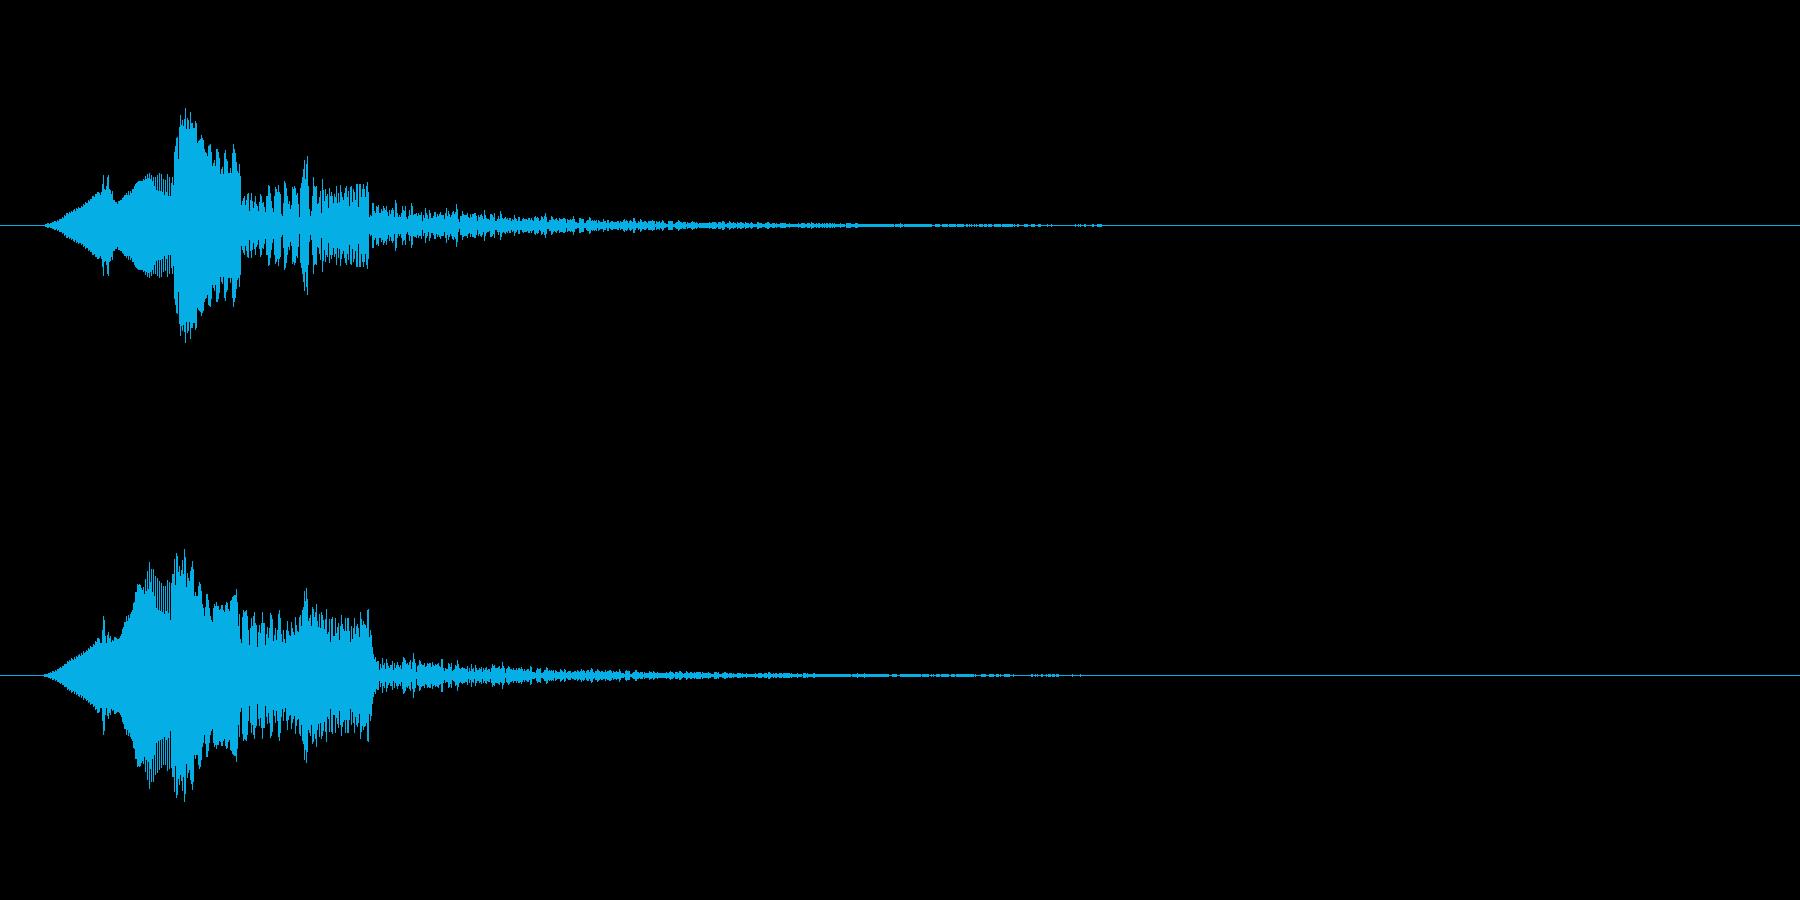 ピロリン↑(上昇する音階)の再生済みの波形